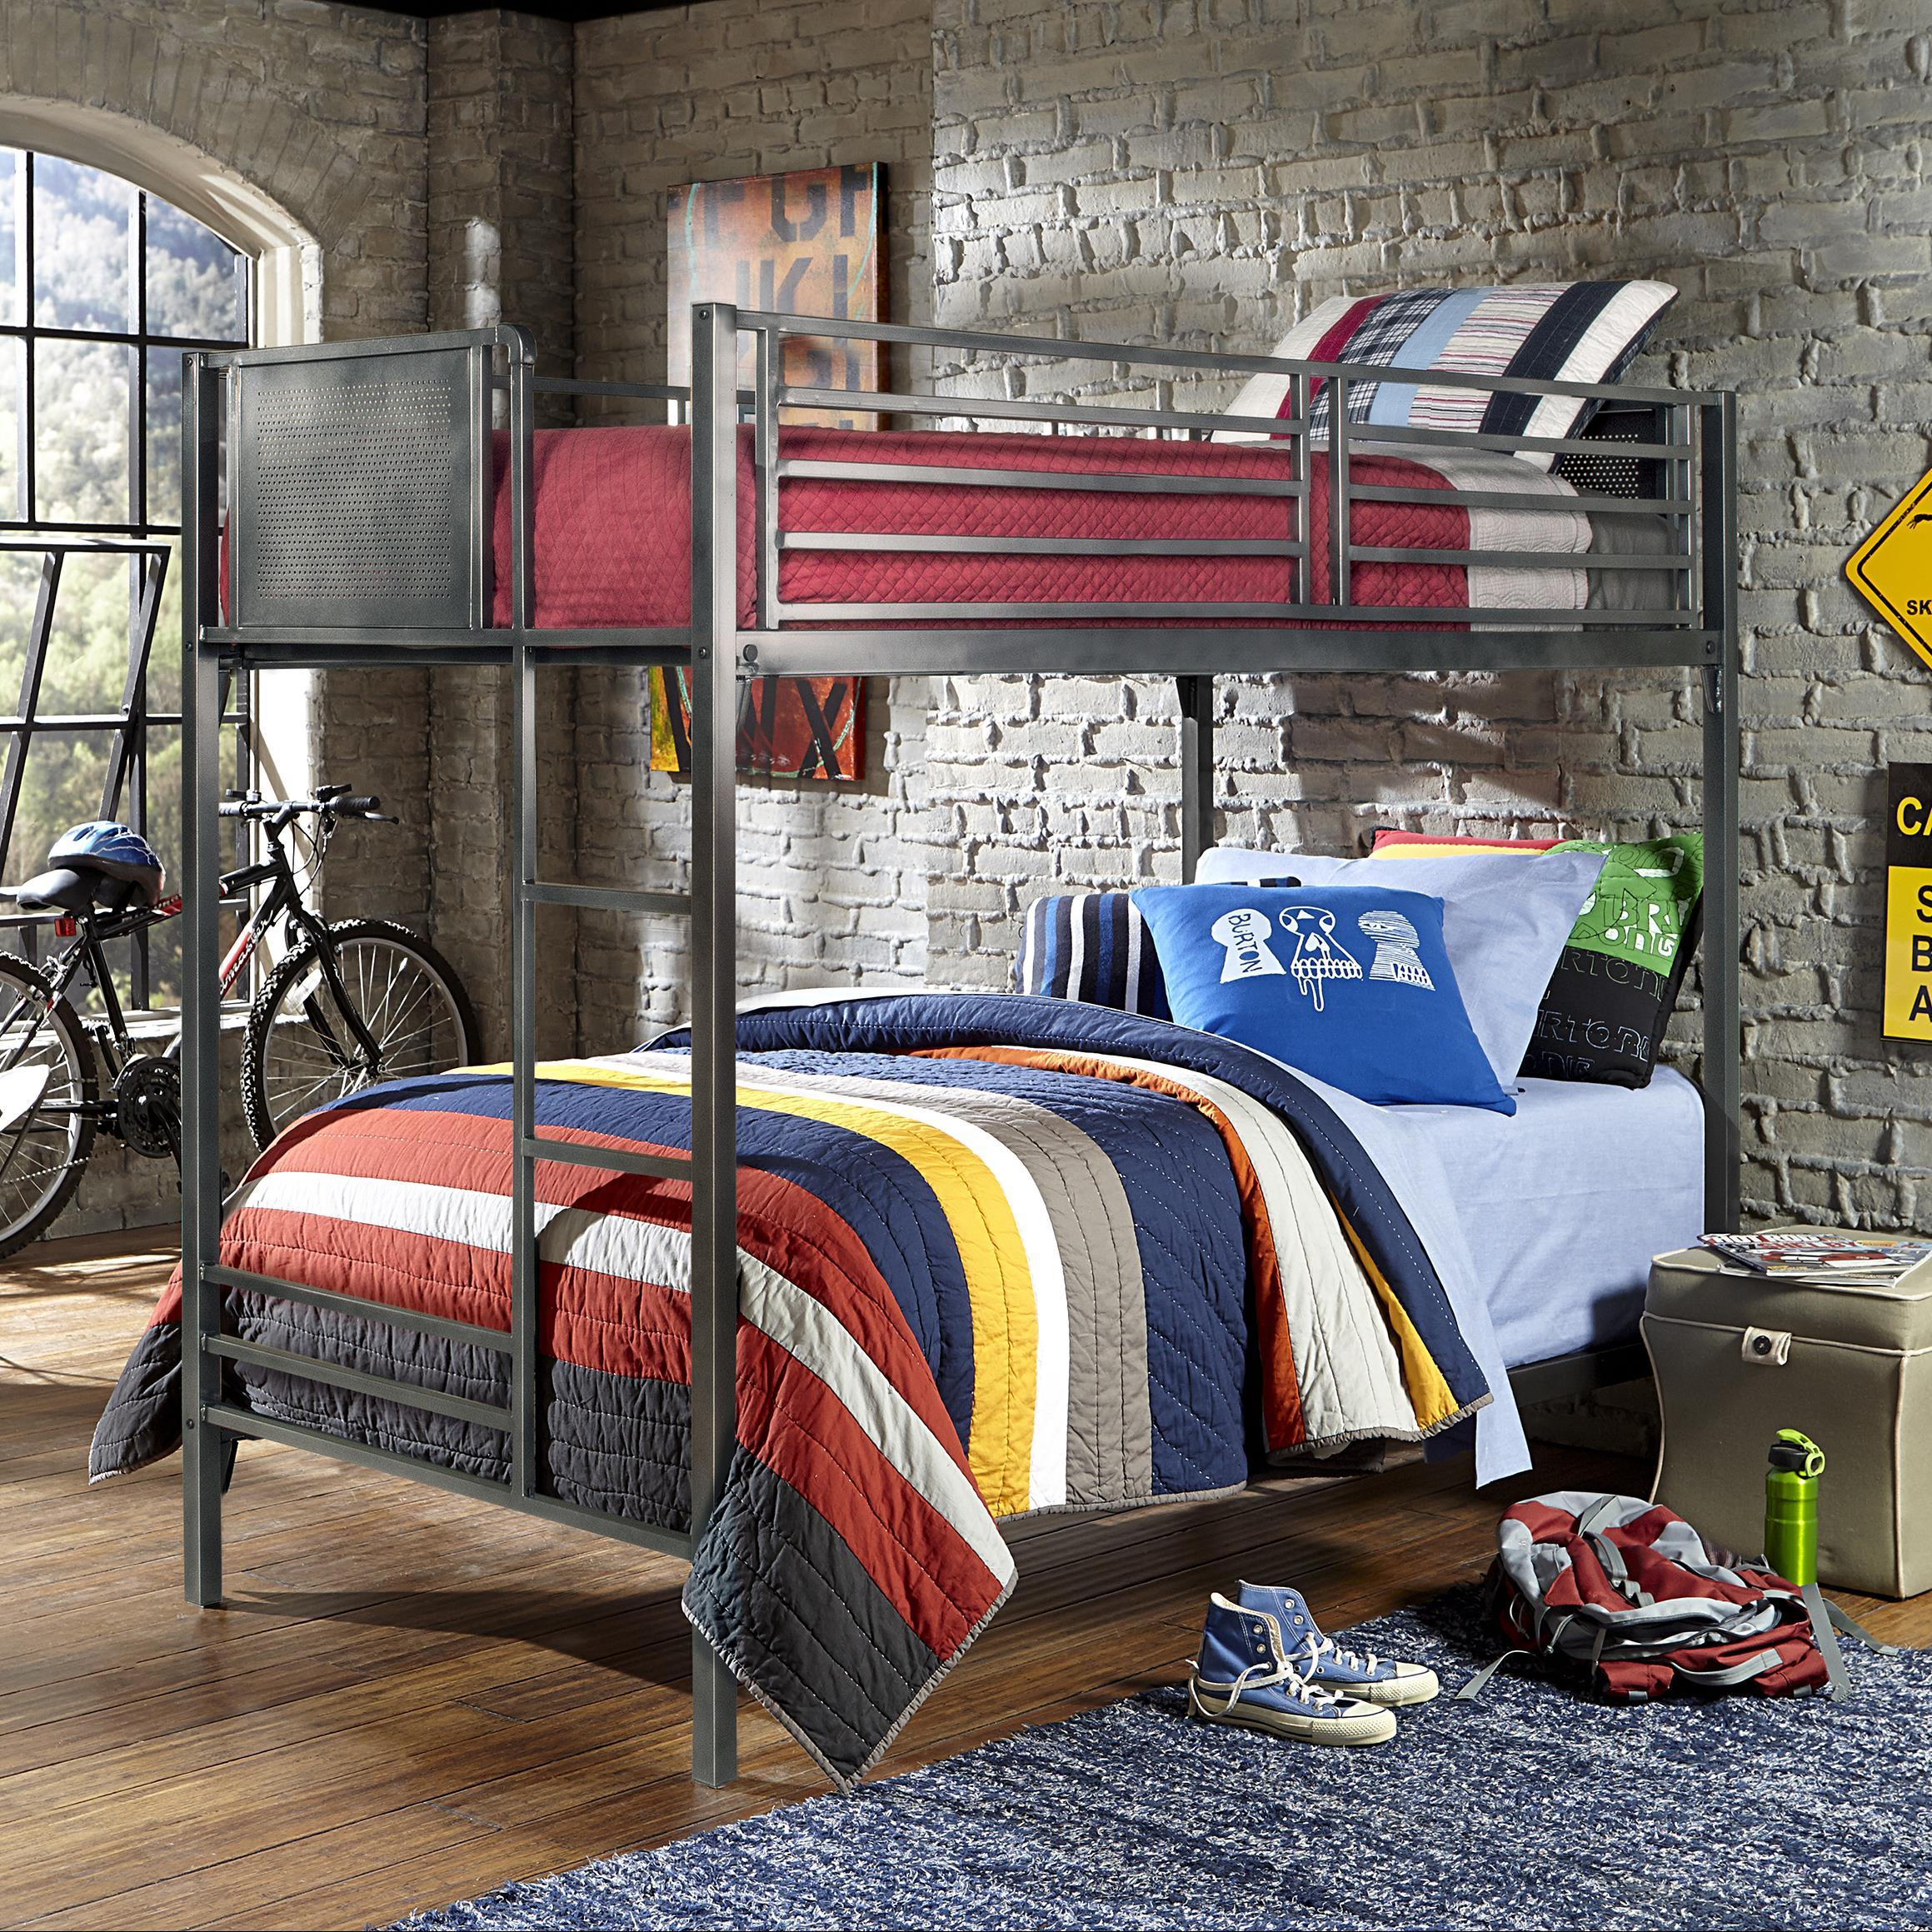 Urban Quarters Bunk Bed